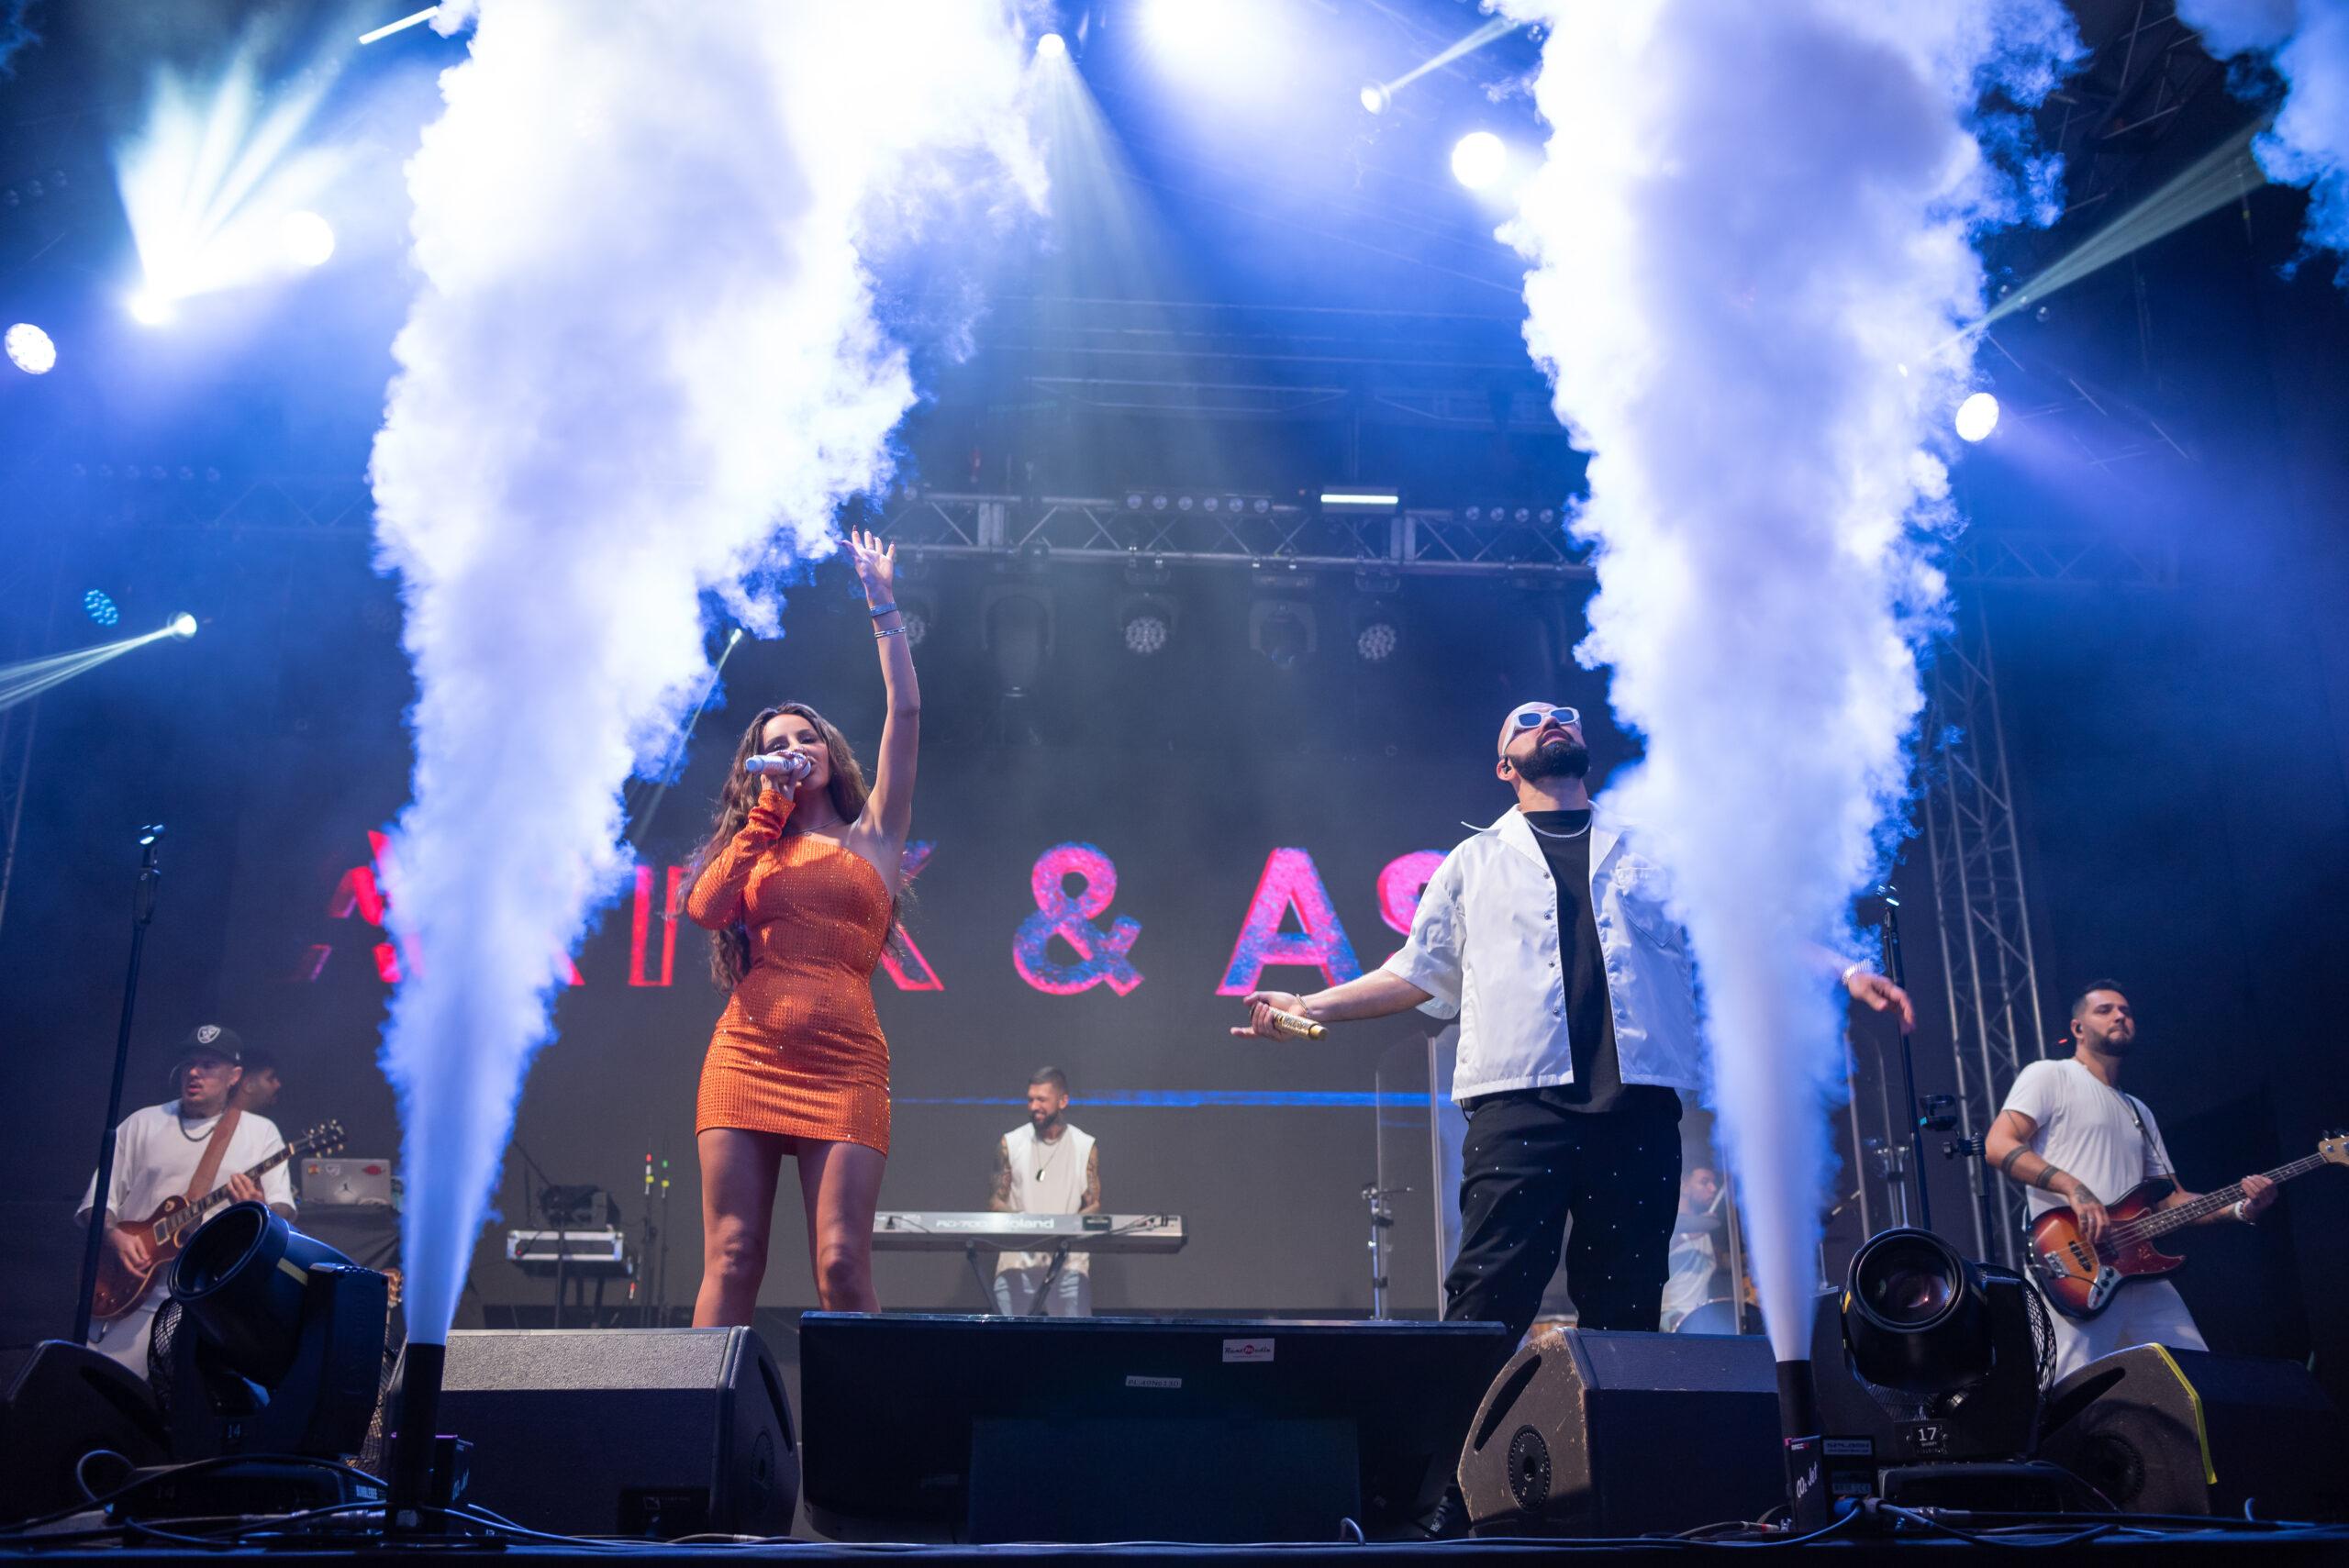 Под грустный дэнс: в Киеве состоялся долгожданный концерт ARTIK&ASTI